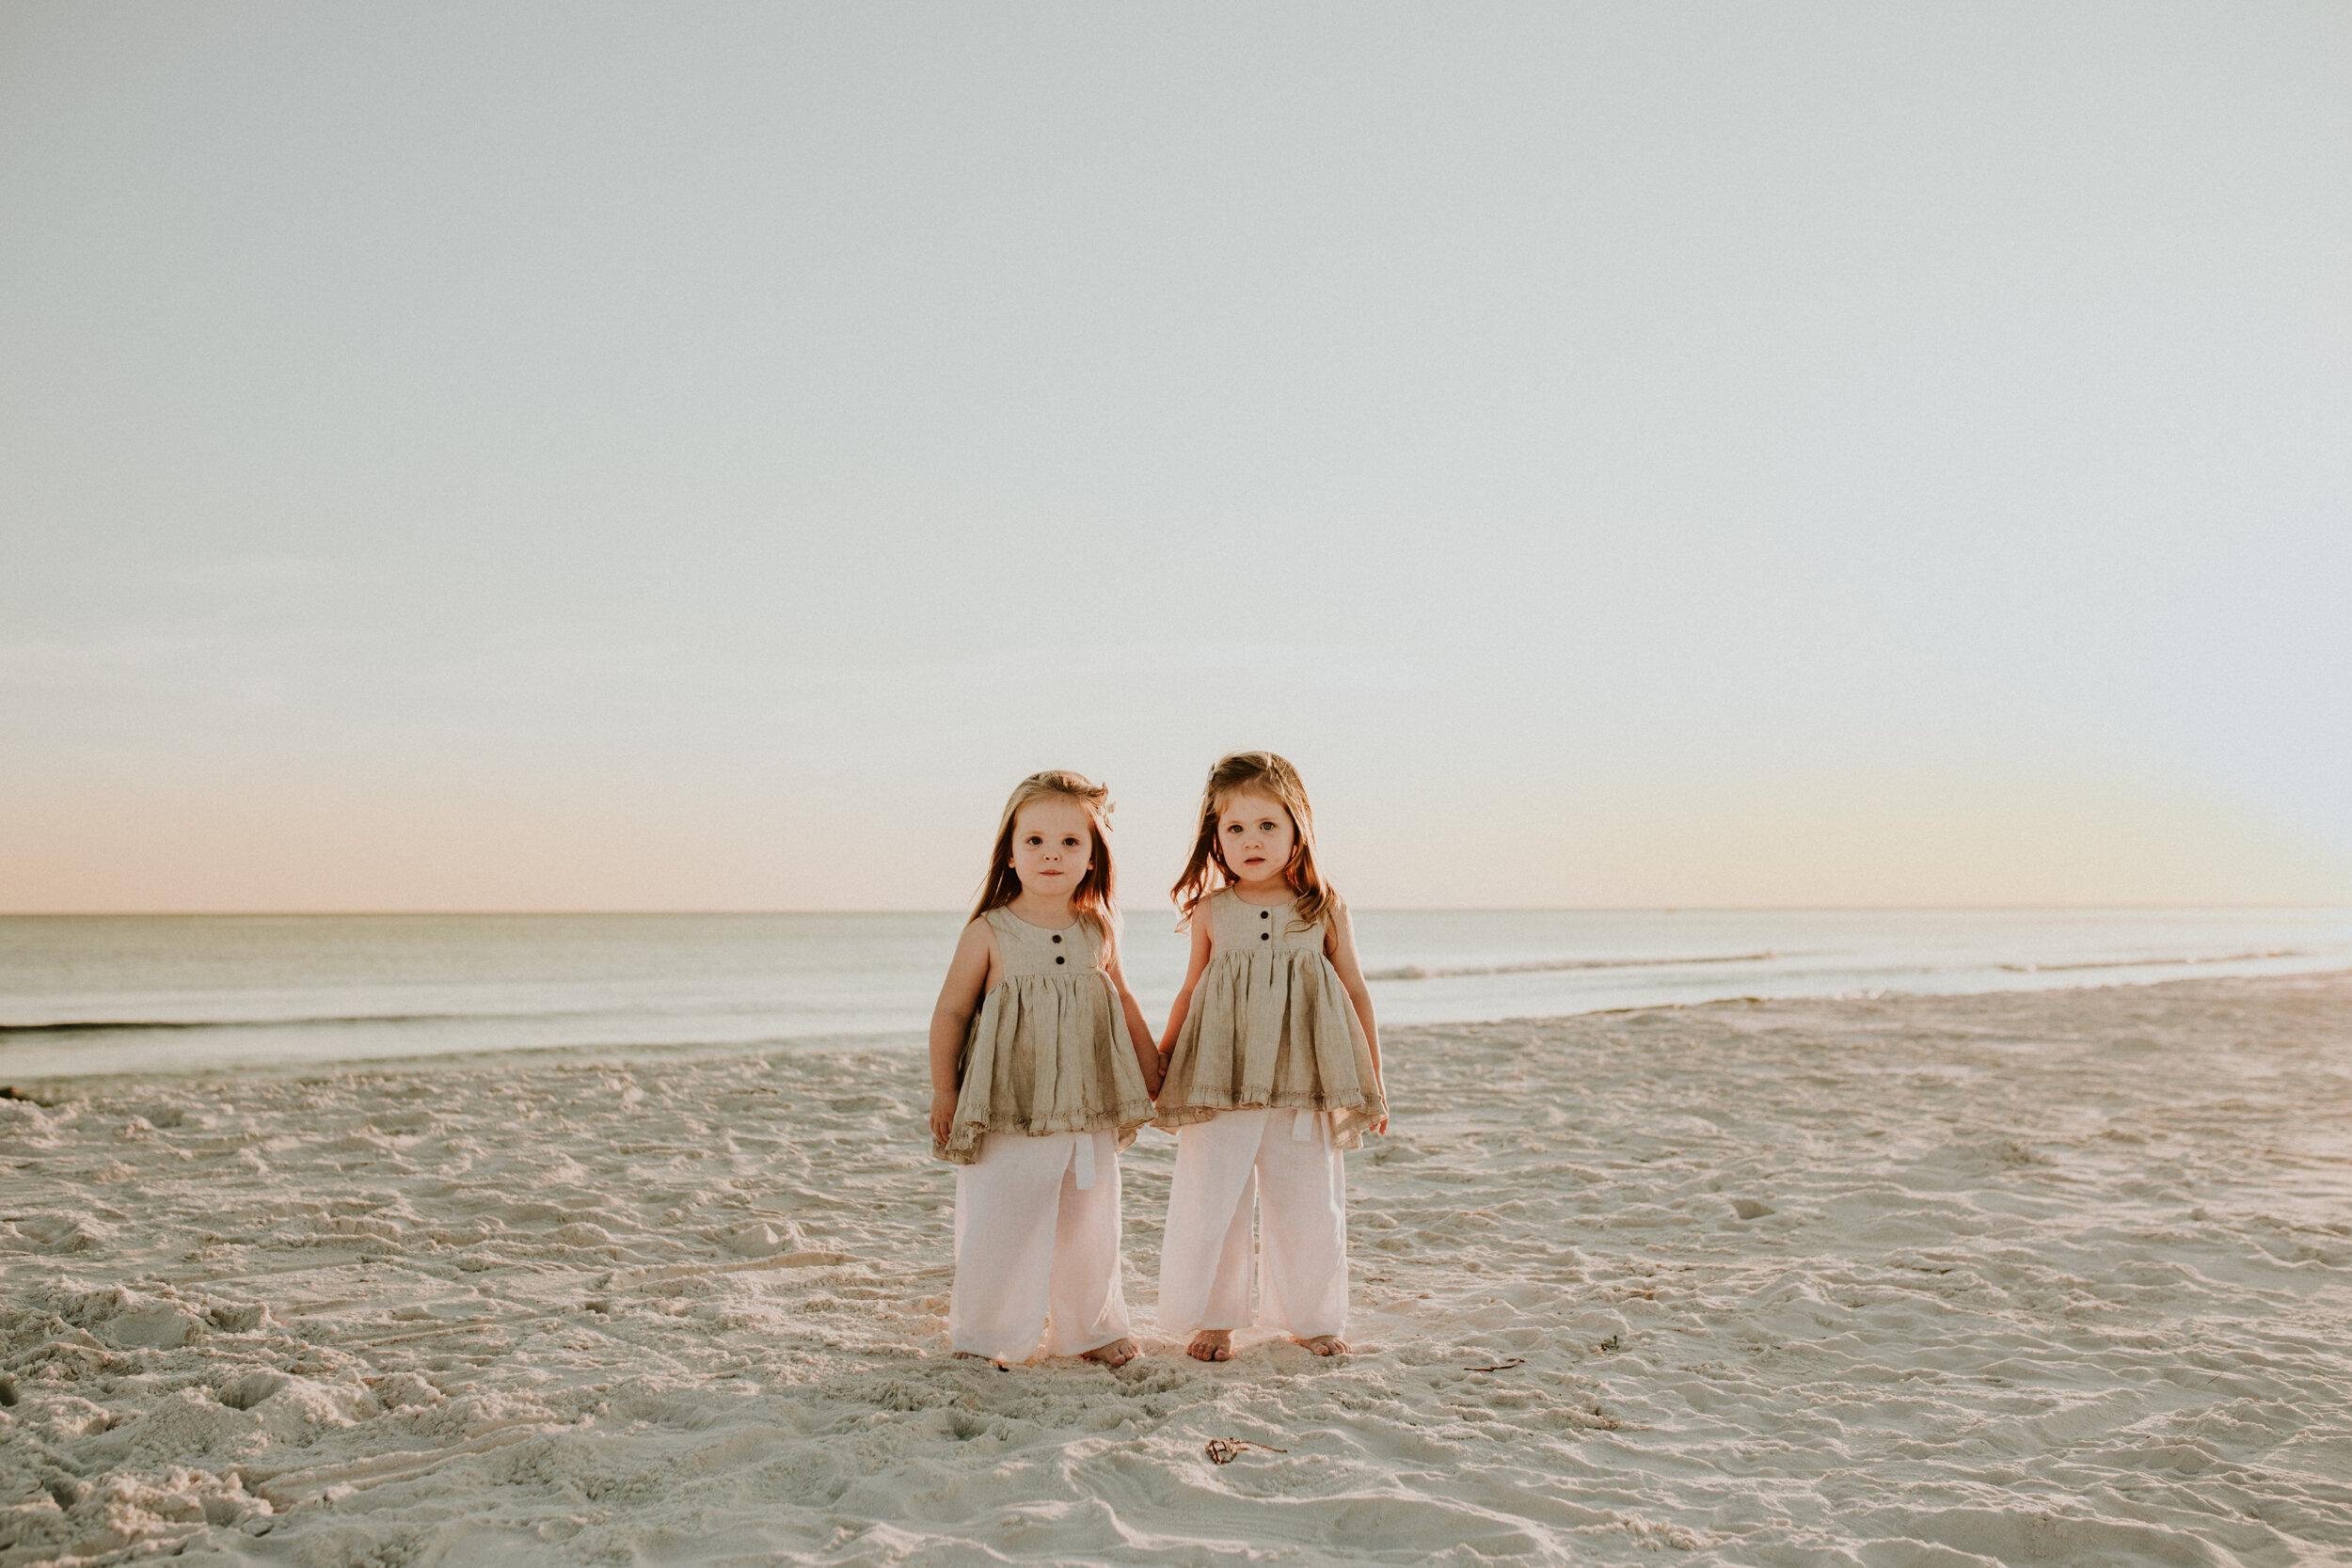 30a_Destin_Watersound_Florida_Family_Photographer_Beach_Photos-40.jpg